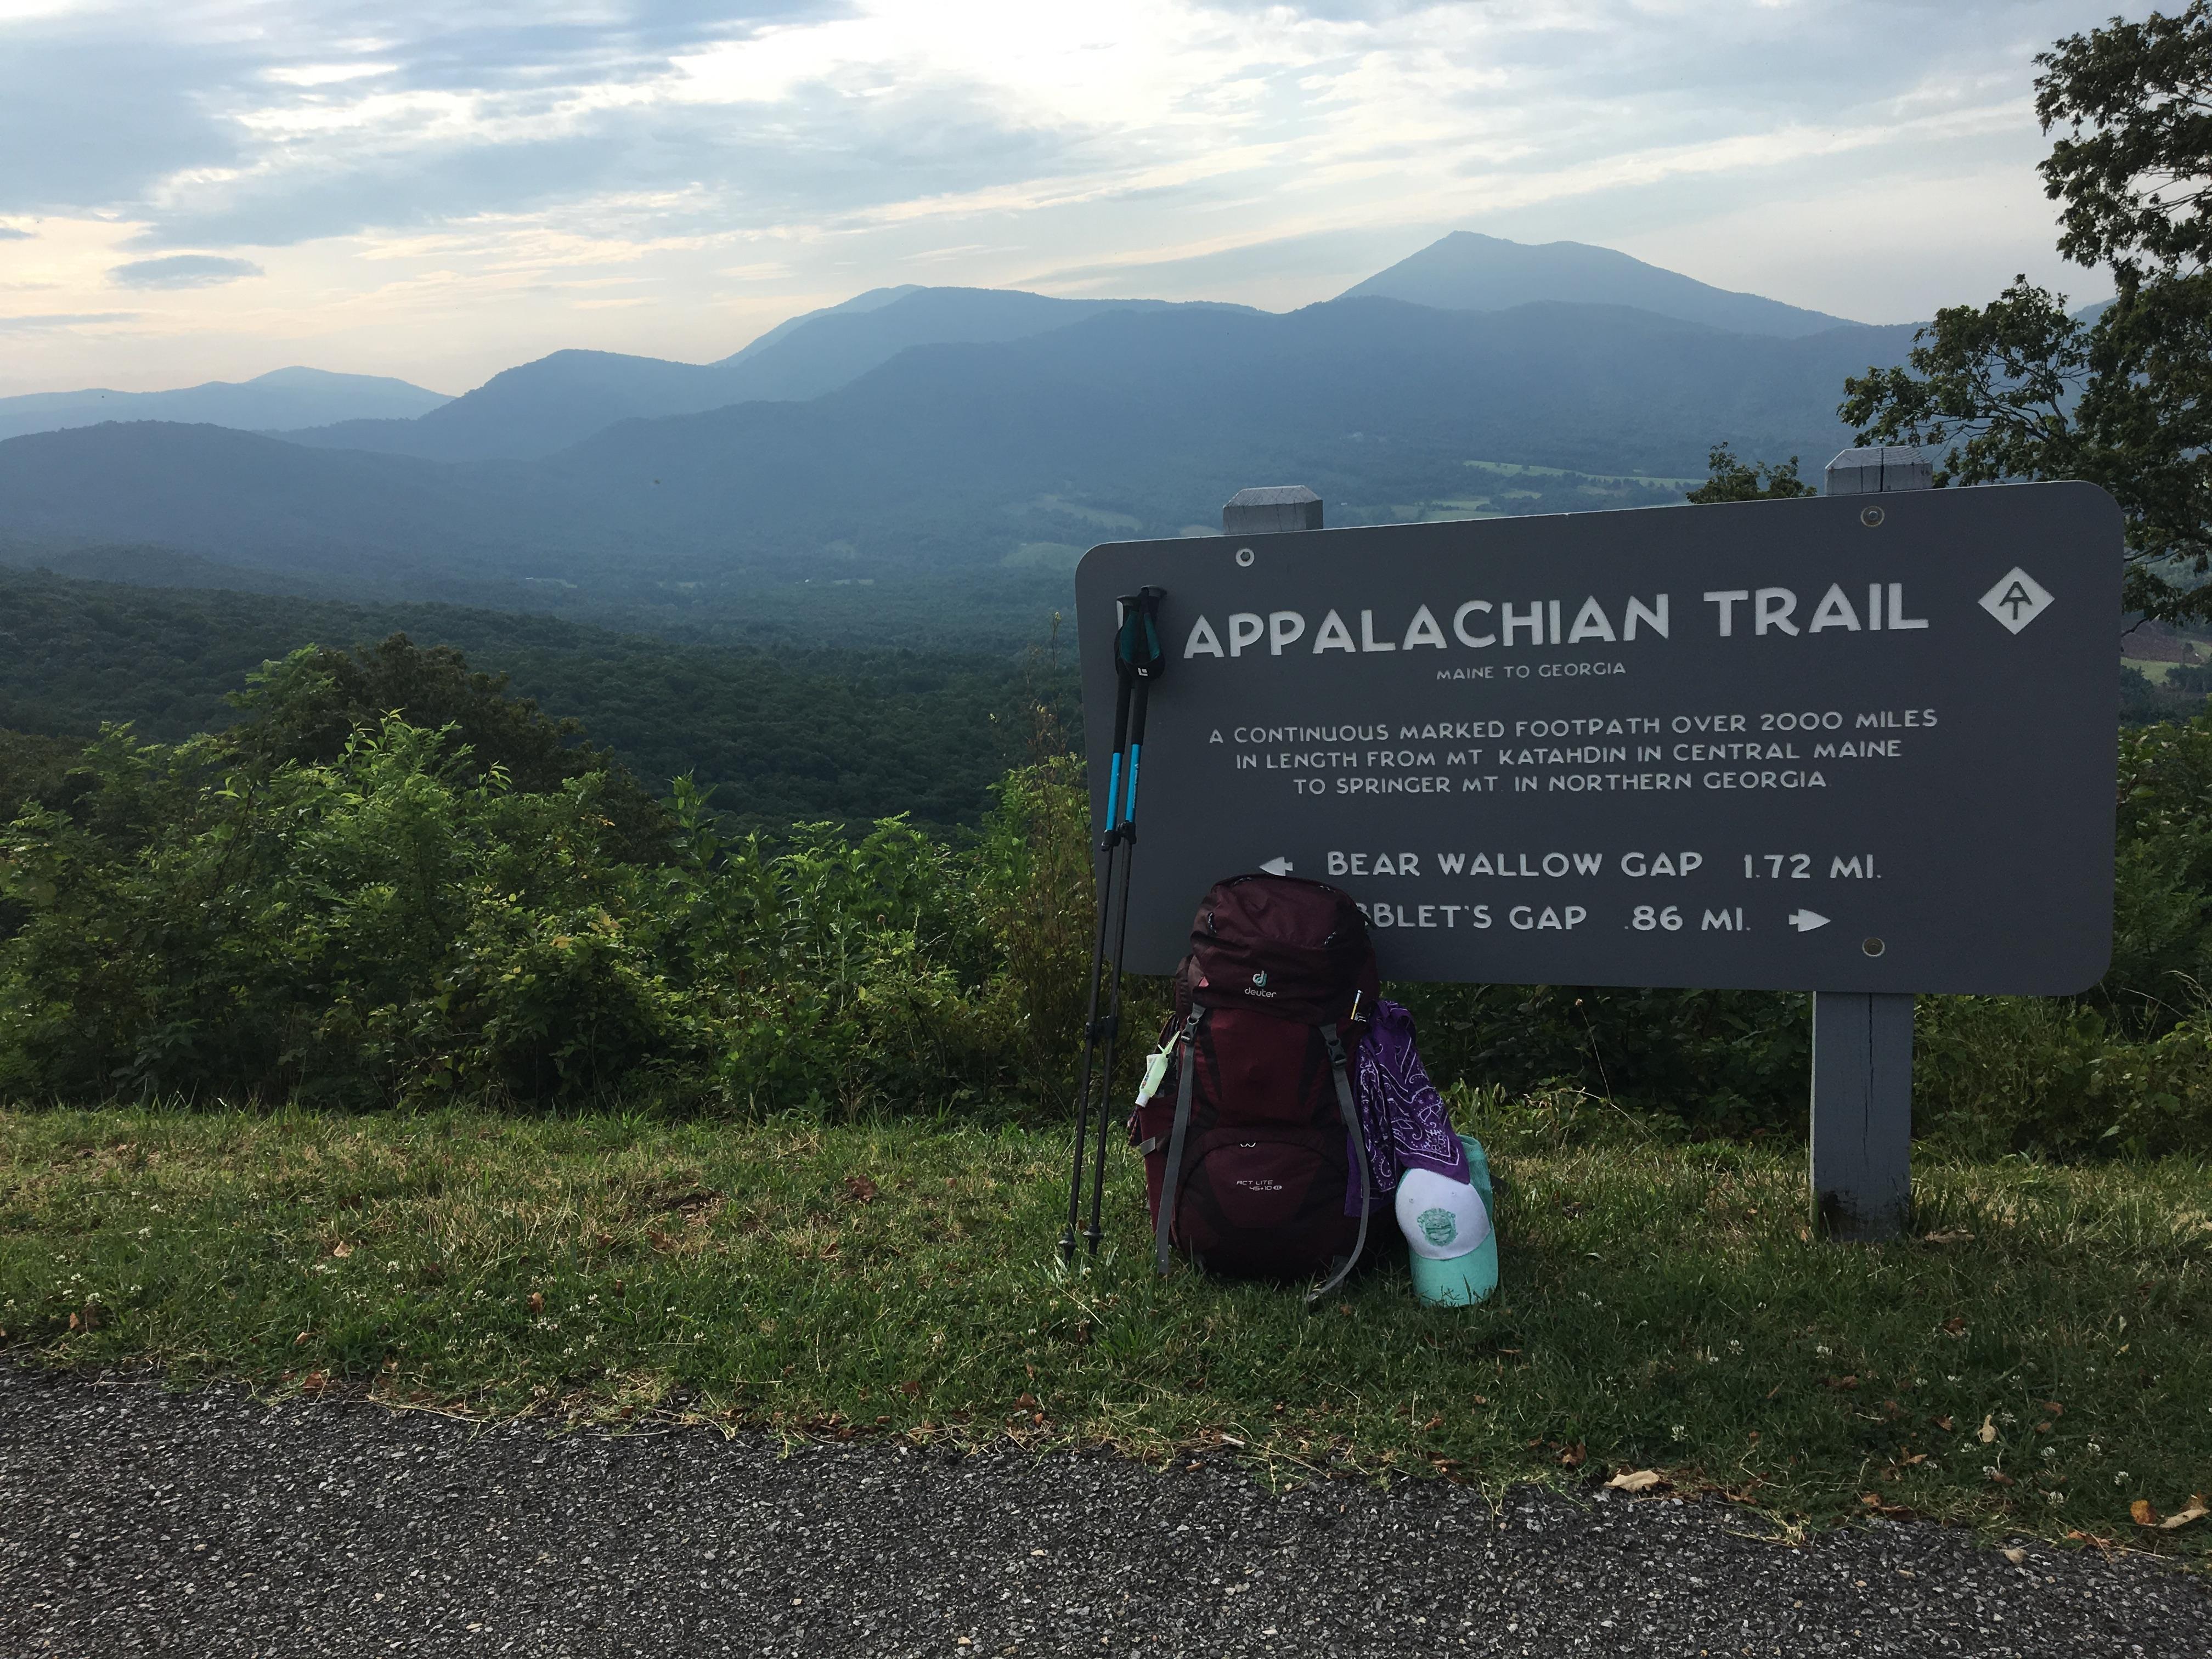 Seven Ways I'm Preparing for My Thru-Hike Attempt - The Trek